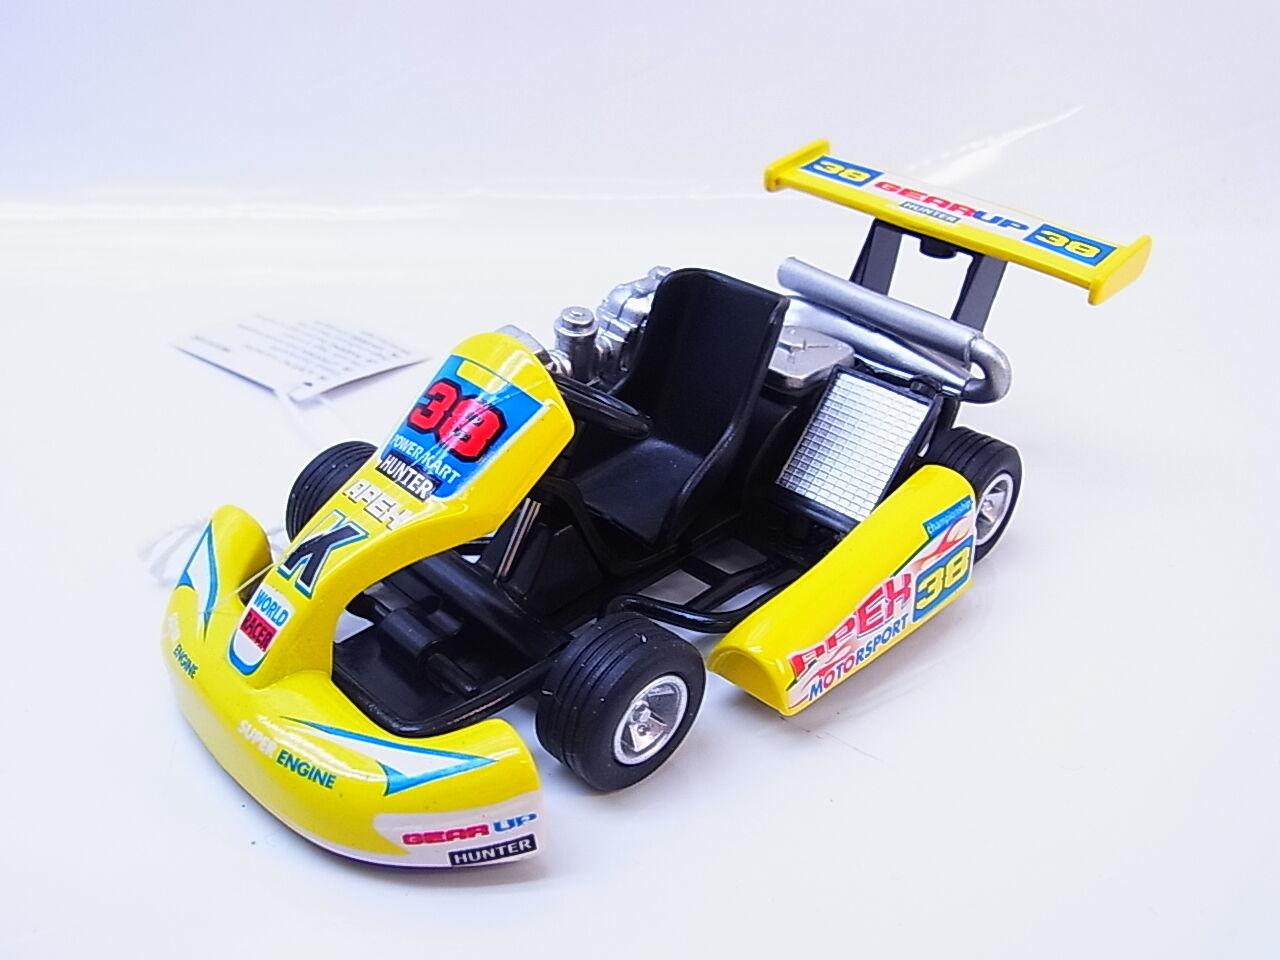 LOT 13955 Turbo Go Kart yellow Modellauto 1 18 Geschenk Power Kart Die-Cast NEU